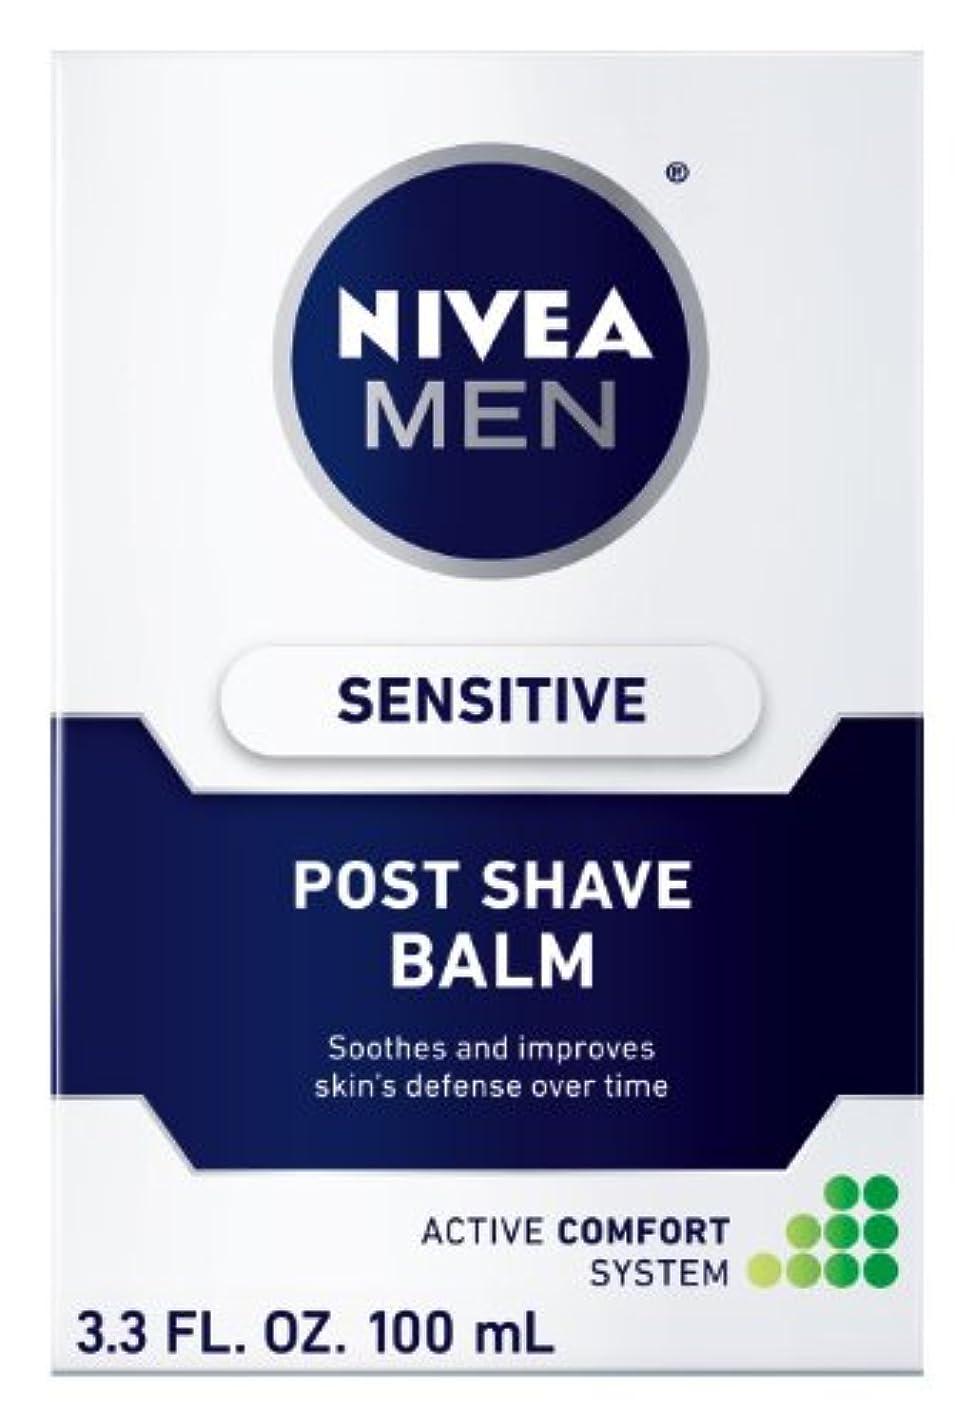 思い出判定オーラル【海外直送】 男性用ニベア 敏感肌用 アフターシェーブバーム(100ml) Nivea for Men Sensitive Post Shave Balm (3.3oz)